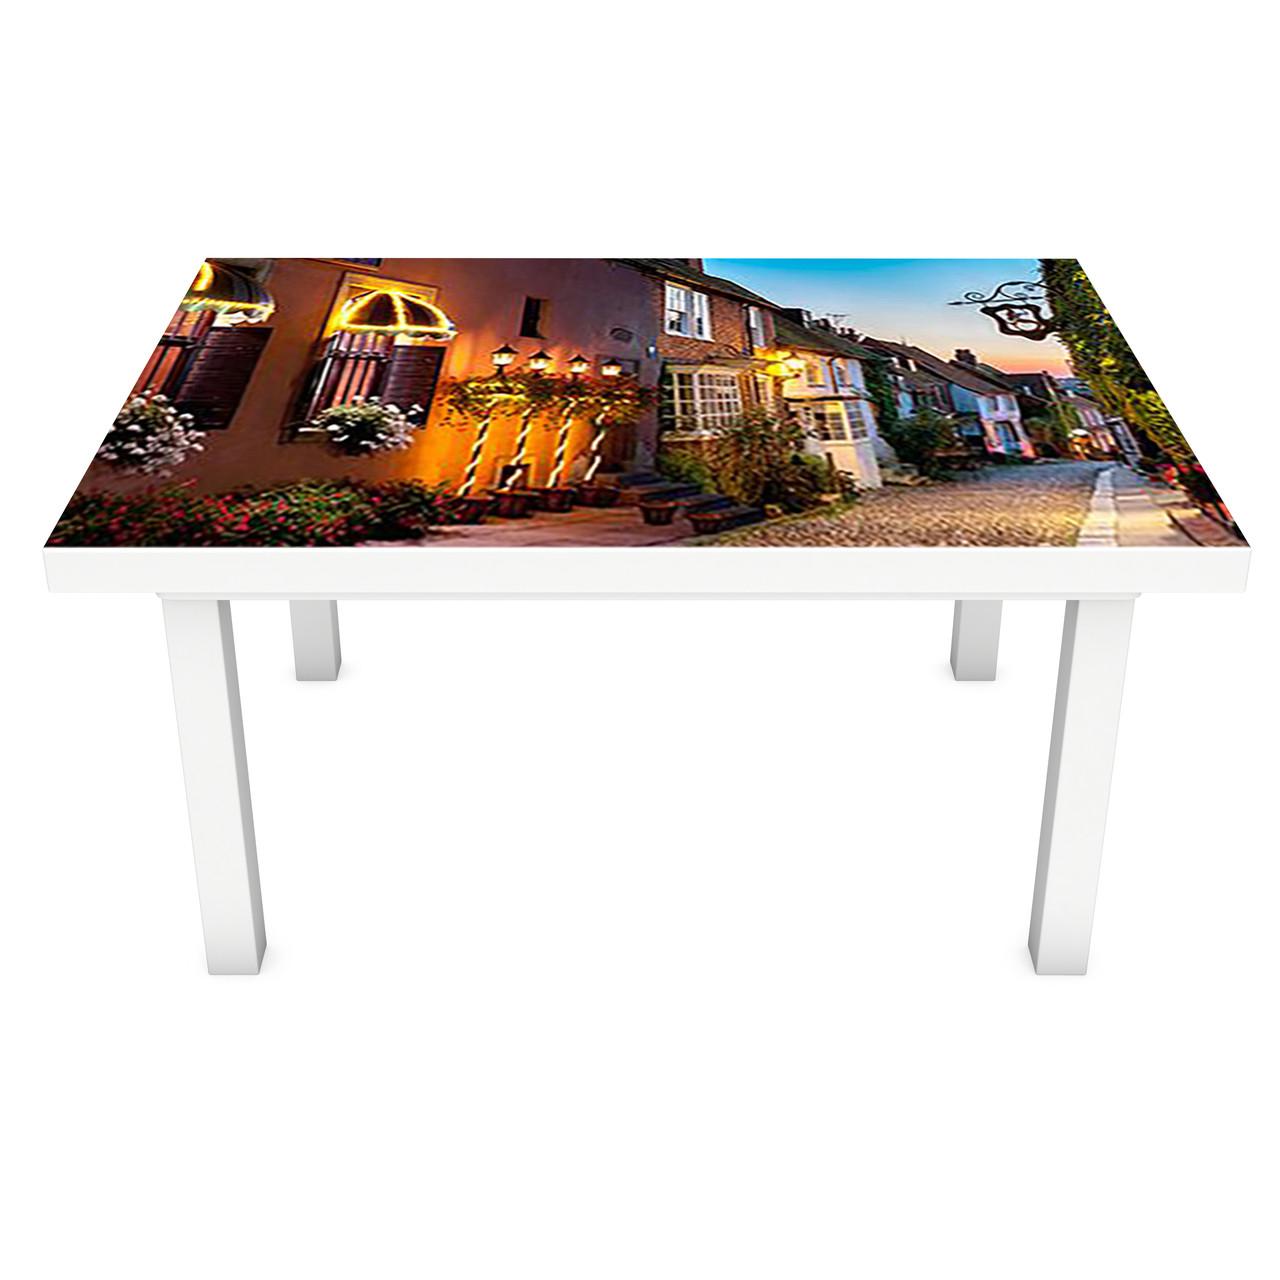 Наклейка на стол Вечер в Провансе ПВХ интерьерная пленка для мебели ночной город Коричневый 600*1200 мм